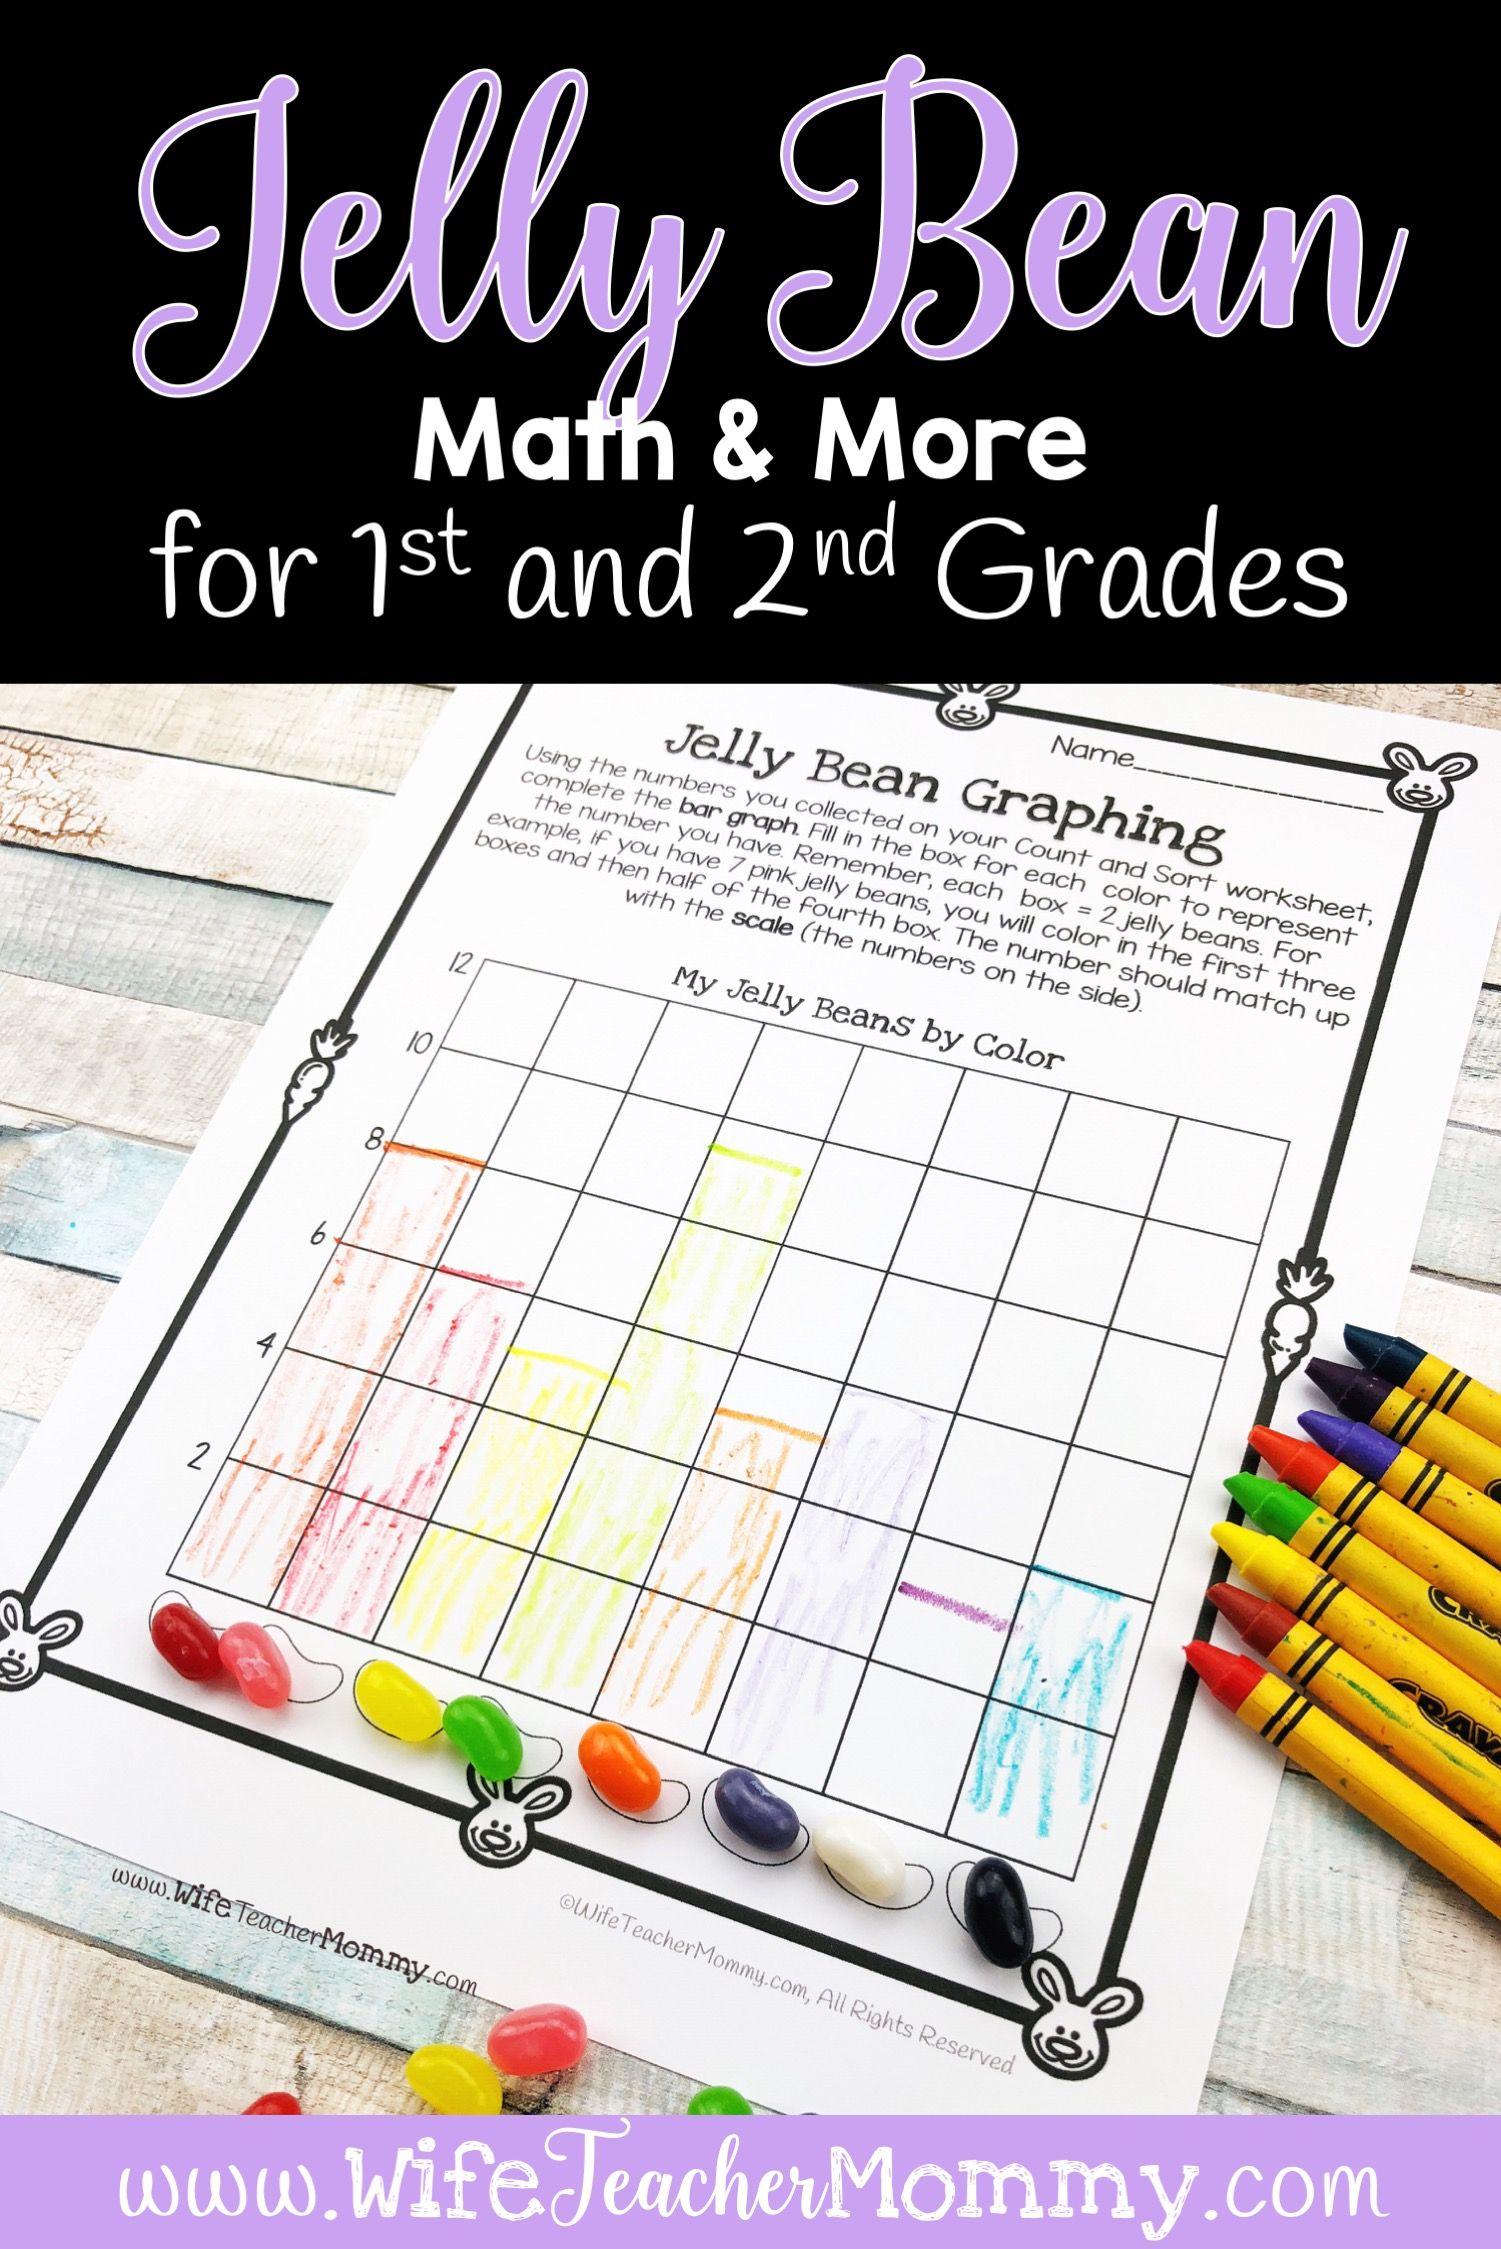 Jelly Bean Math More For 1st 2nd Grade Jelly Bean Math Spring Math Activities 2nd Grade [ 2249 x 1501 Pixel ]